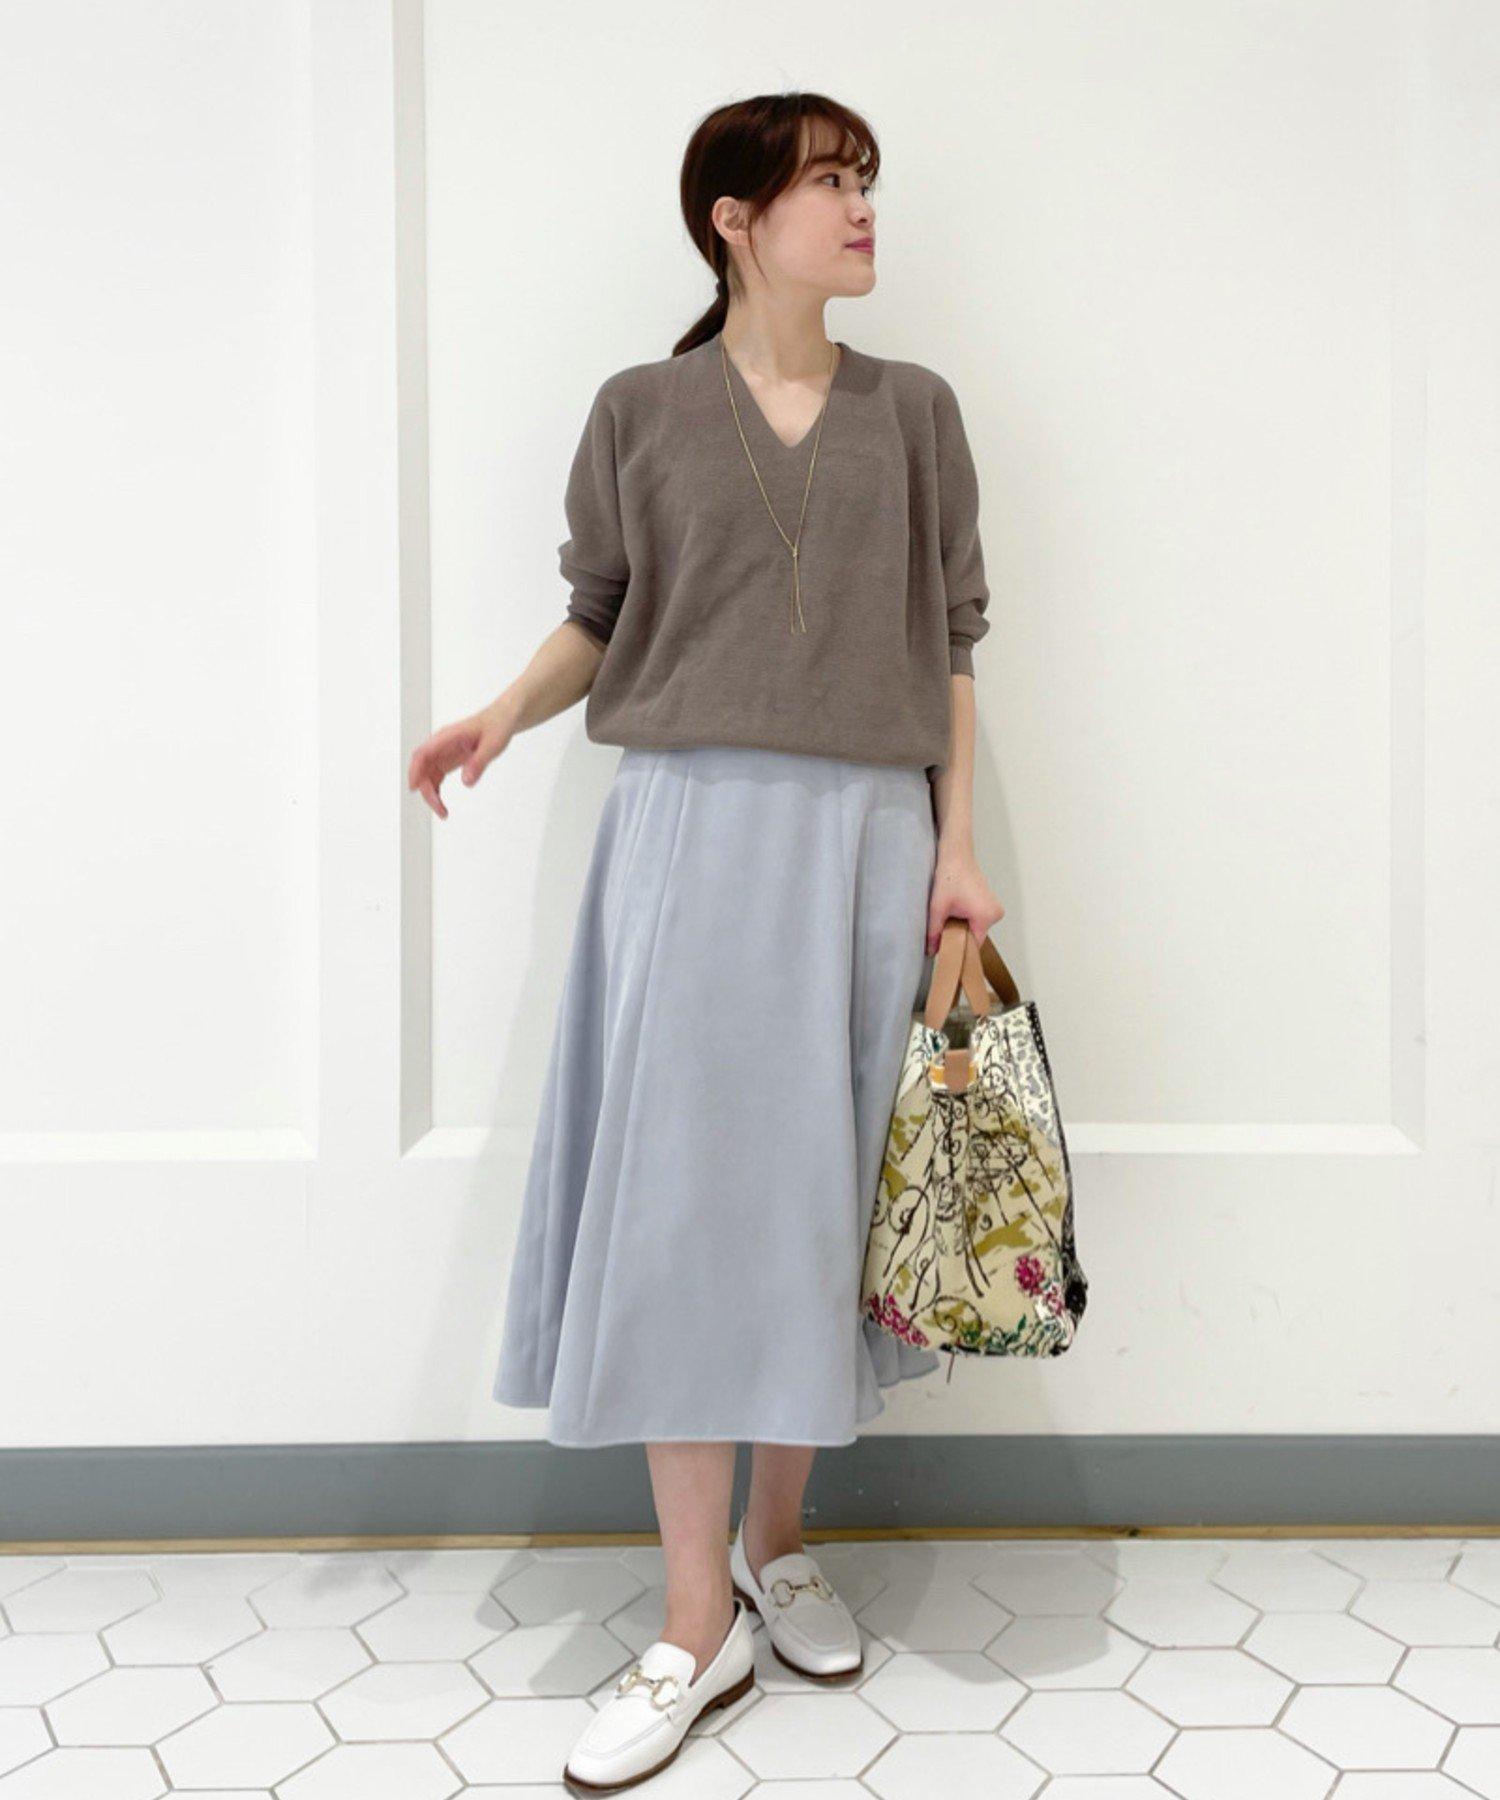 OUTLET premium(アウトレット プレミアム) 【《美しい発色が魅力》手洗い可】エコスウェードフレアースカート